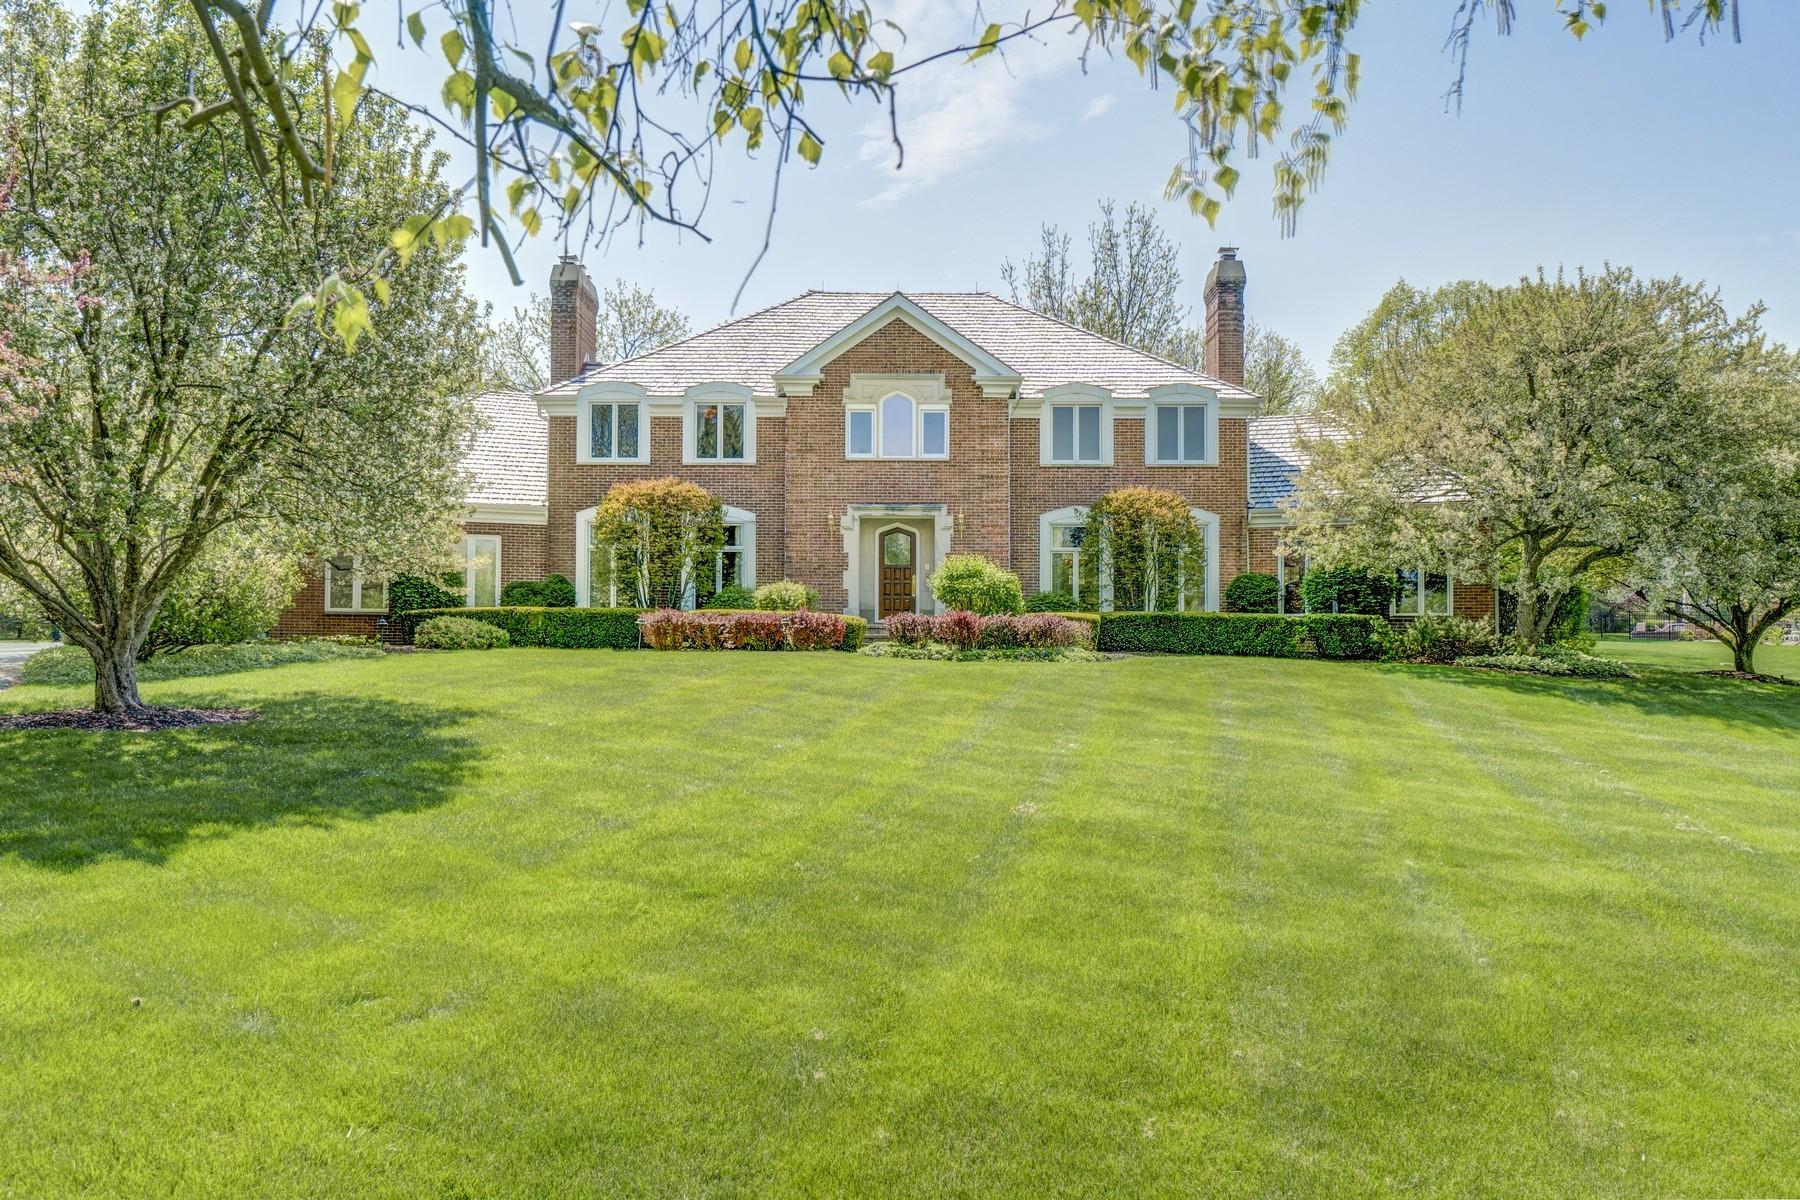 Casa Unifamiliar por un Venta en Gracious French Country Home 1023 Muirfield Road Inverness, Illinois, 60067 Estados Unidos